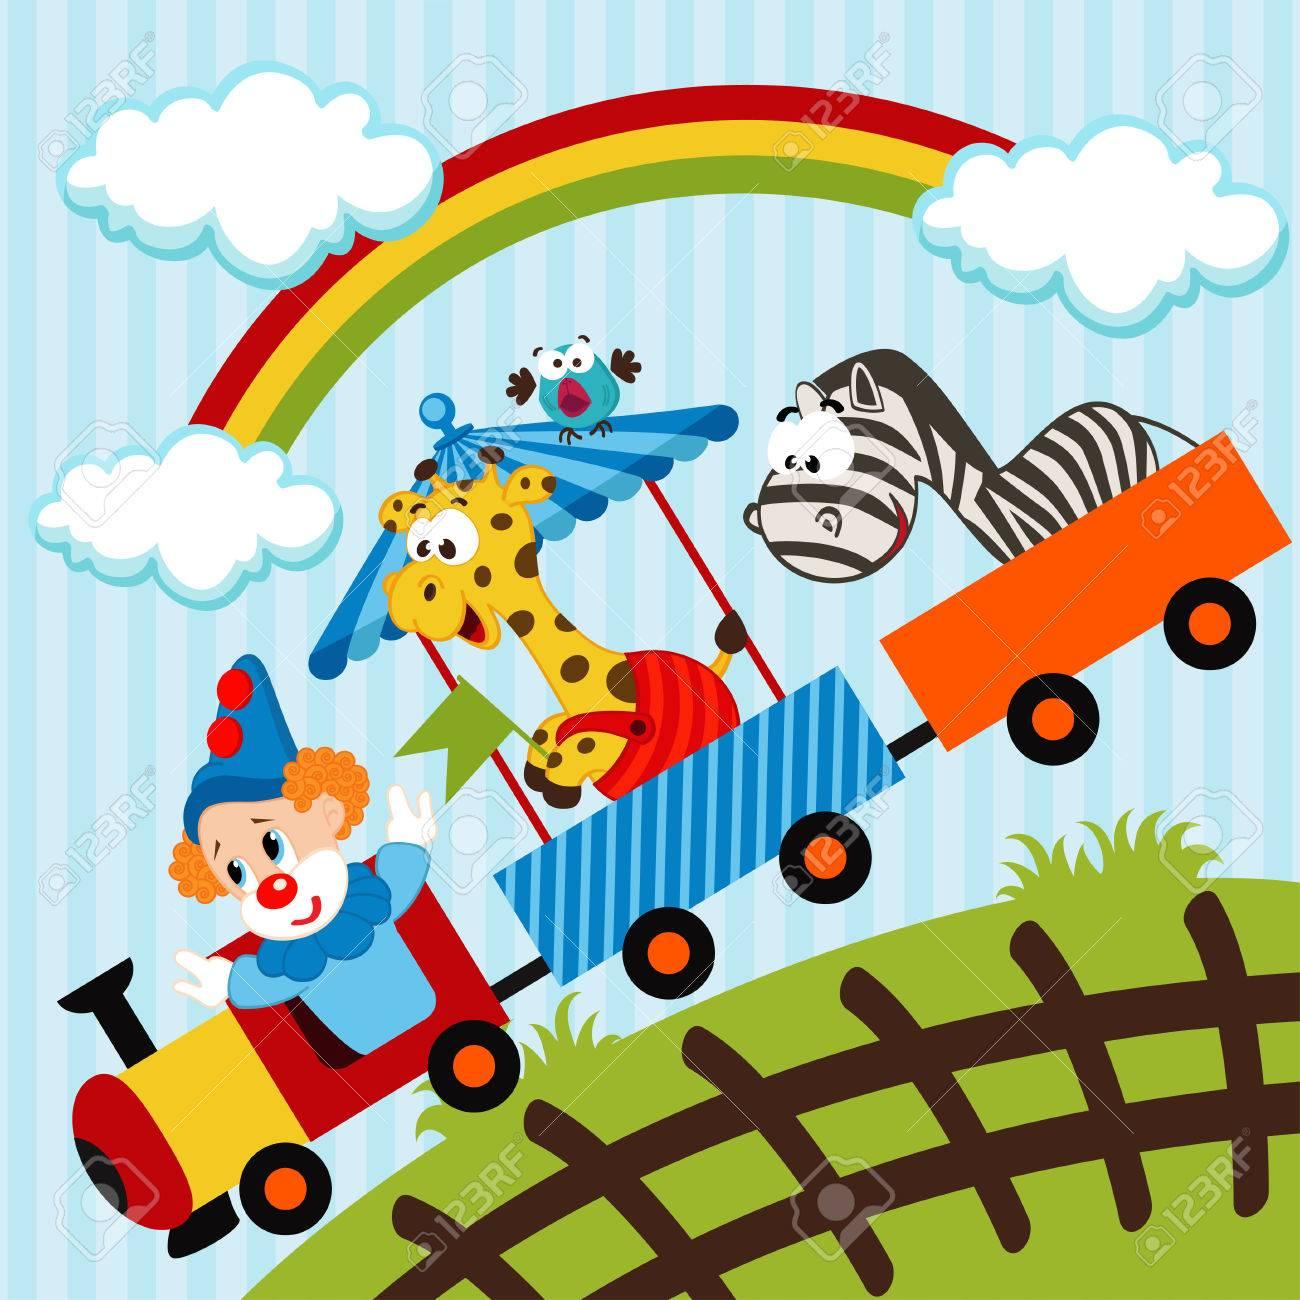 Clown und Tiere fahrenden Zug - Vektor-Illustration Standard-Bild - 23161065